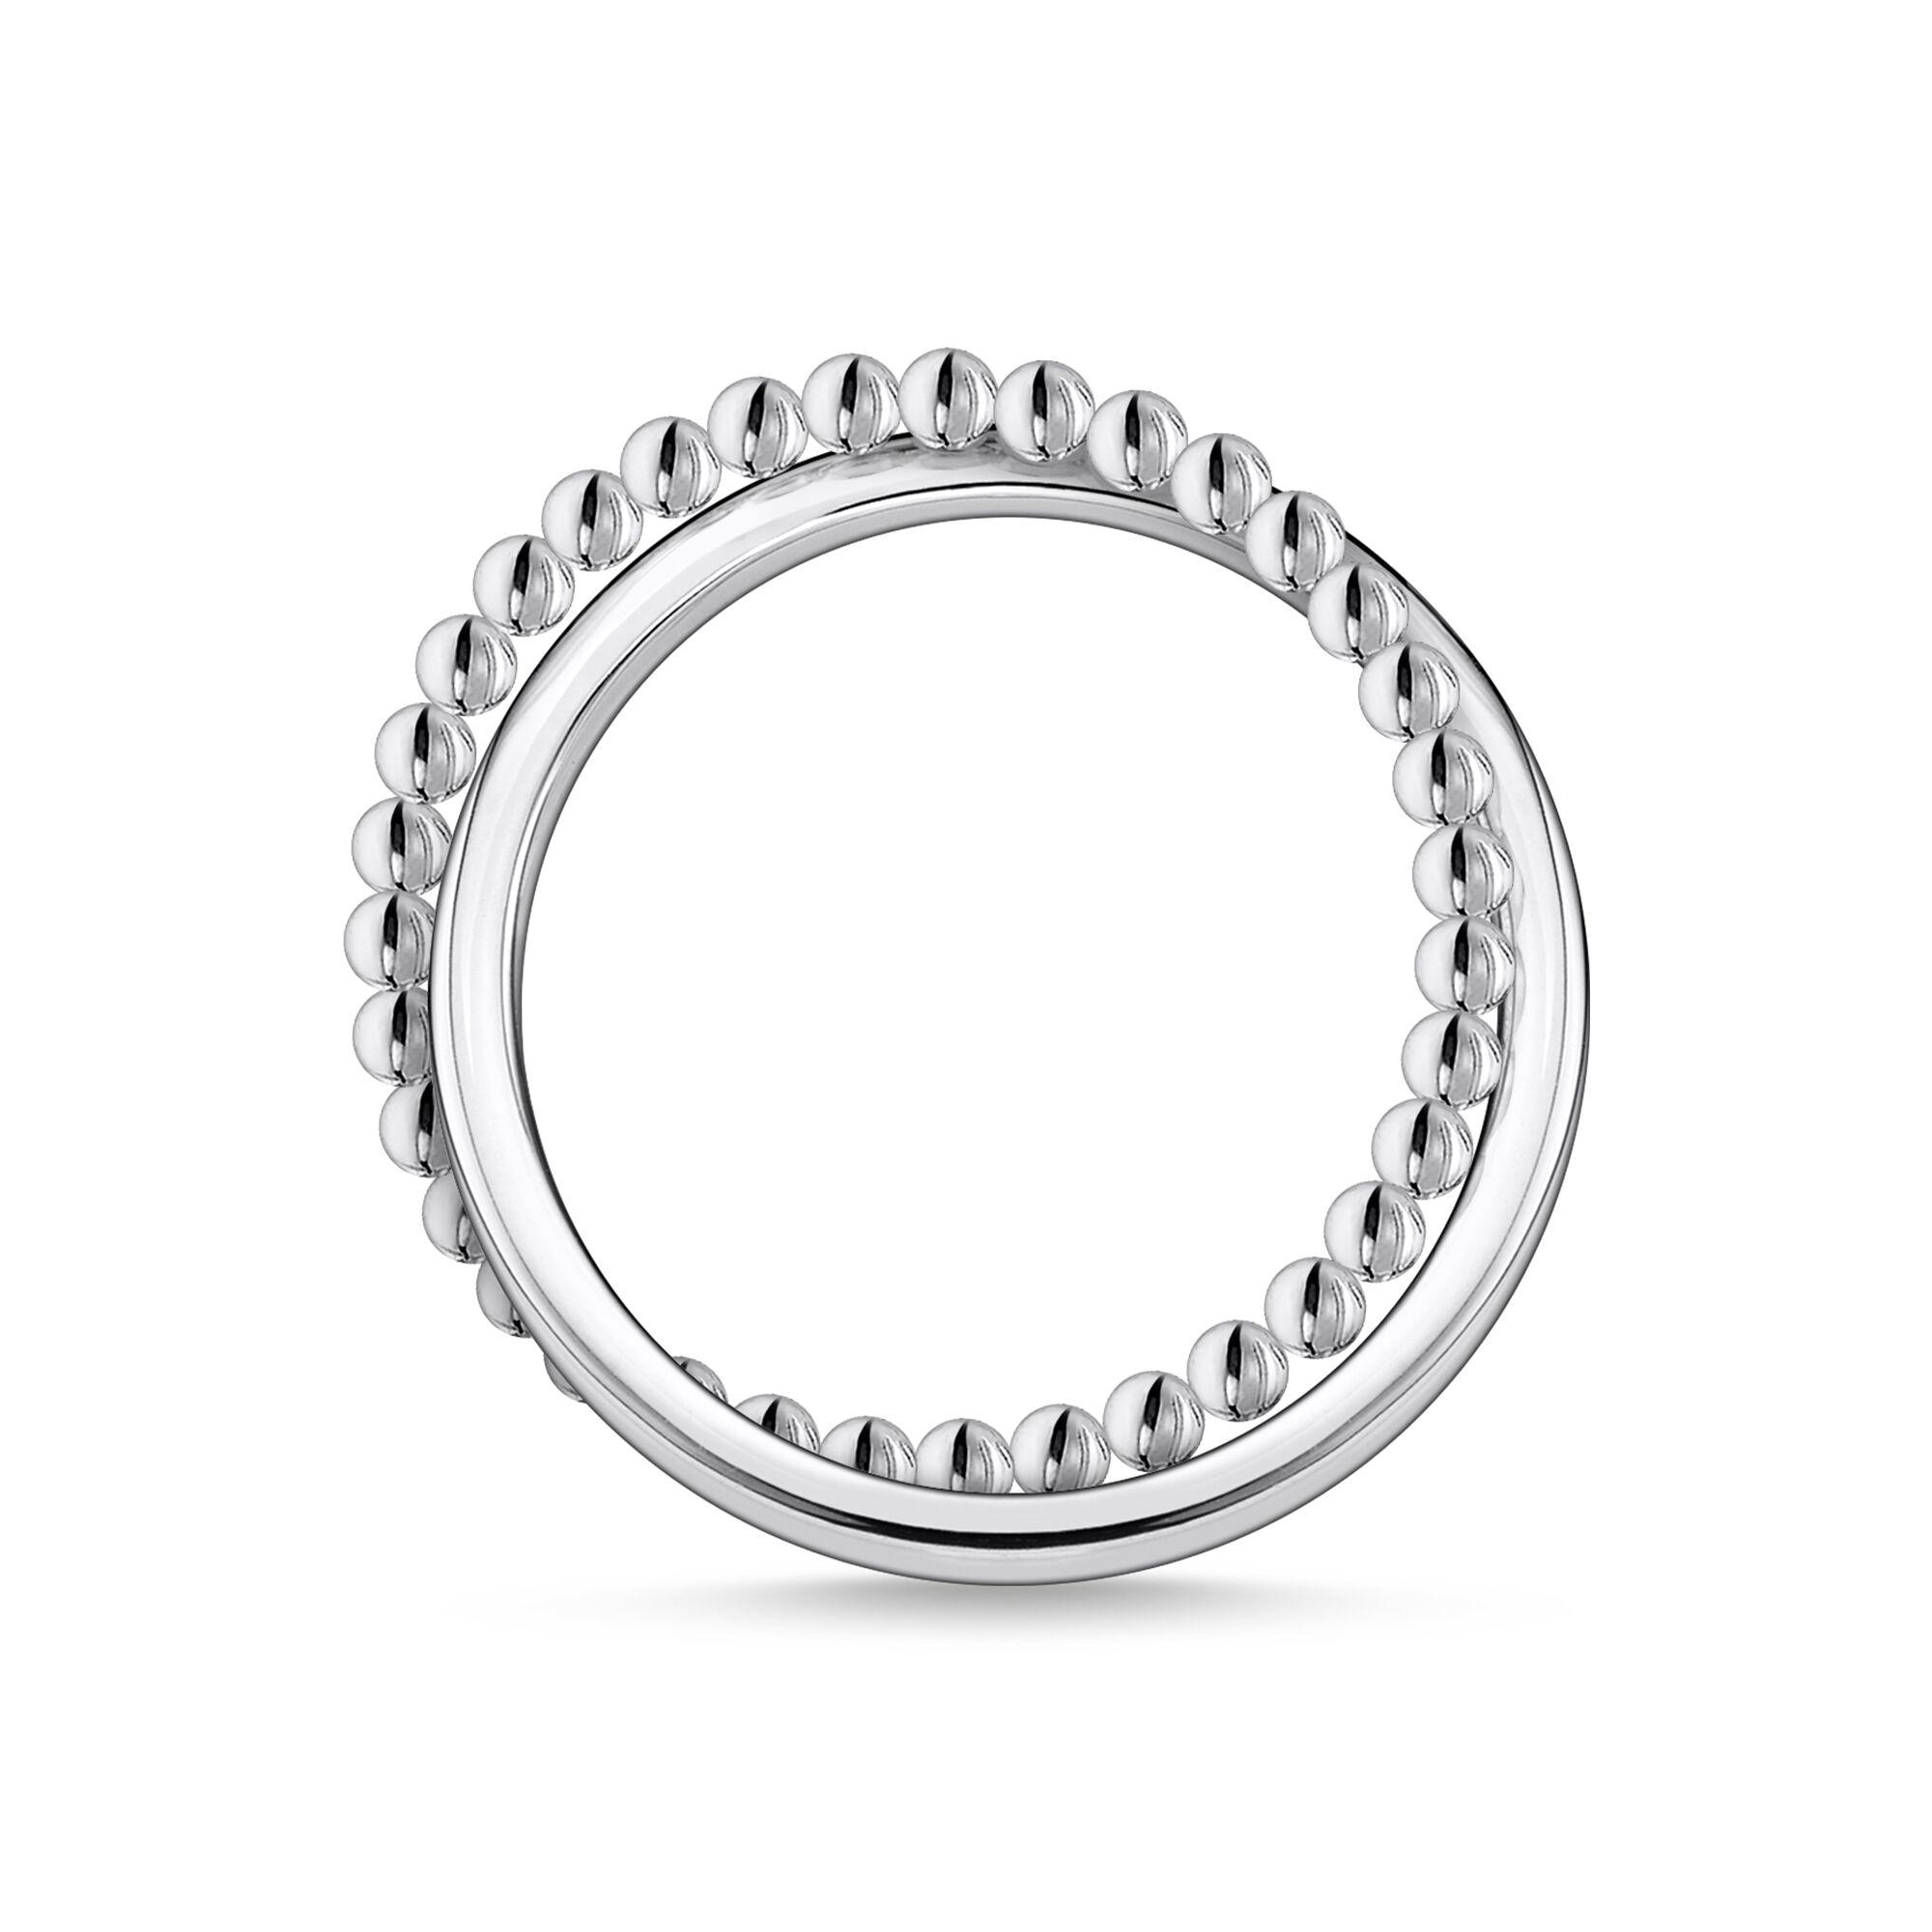 Bague femme, double anneaux entremêlés argent, Thomas Sabo